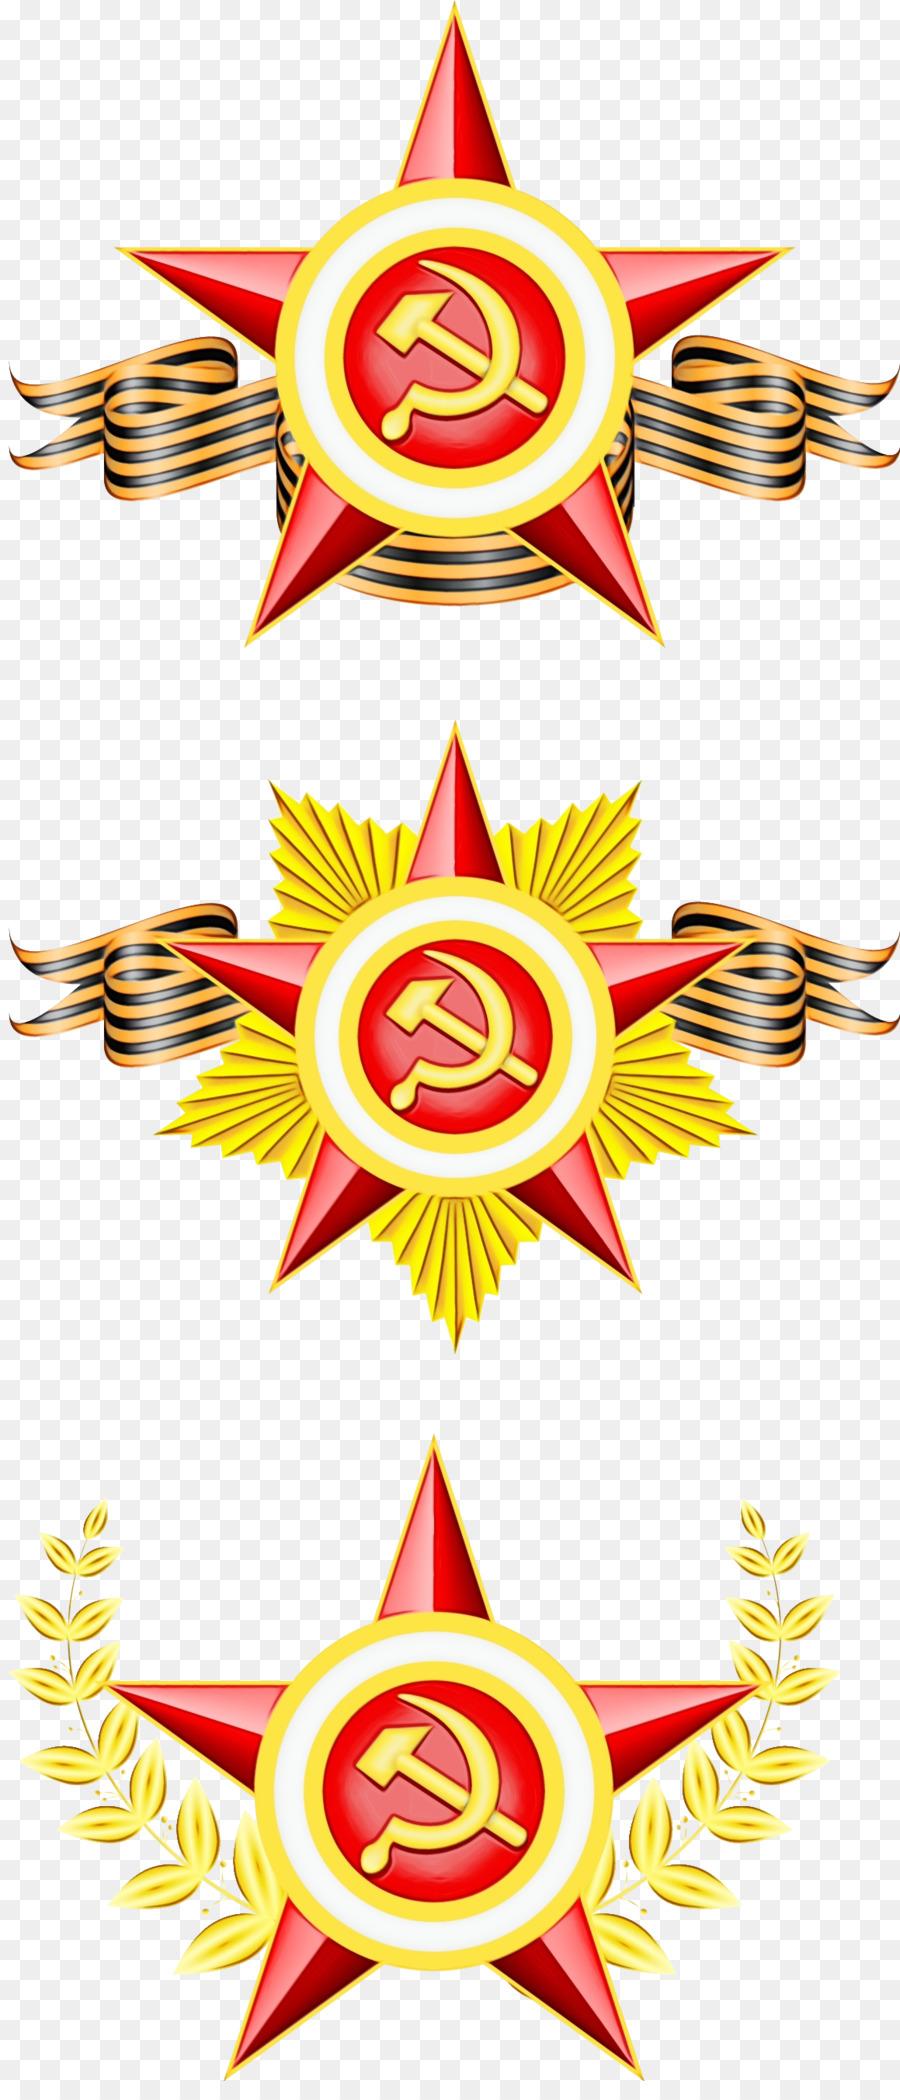 Descarga gratuita de El 23 De Febrero De, Defensor De La Patria Día, Diseño Gráfico Imágen de Png